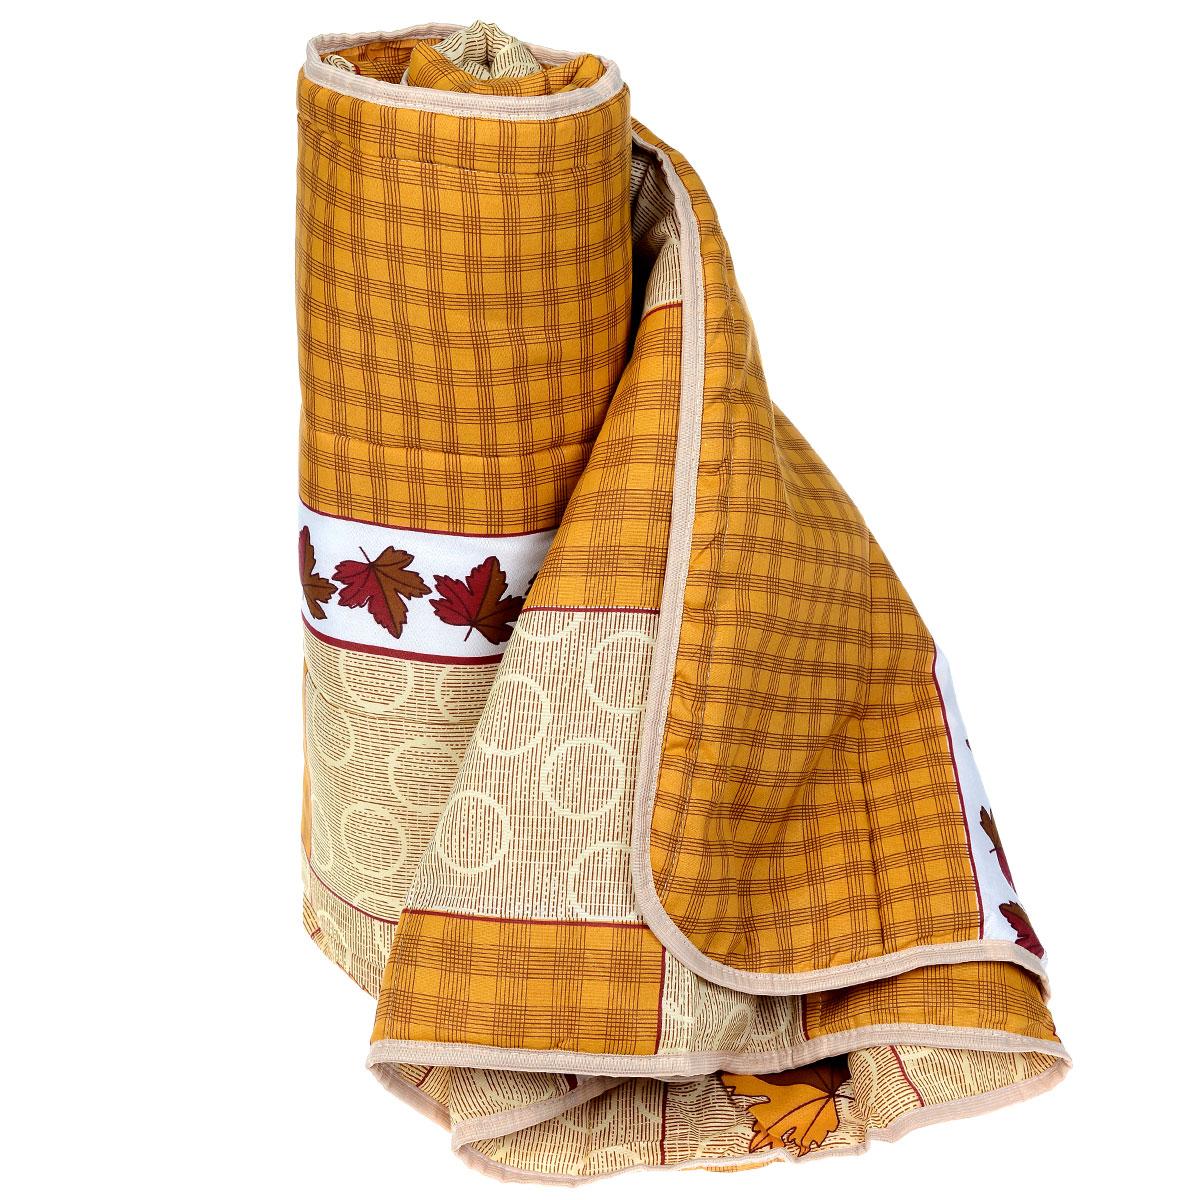 Одеяло летнее OL-Tex Miotex, наполнитель: полиэфирное волокно Holfiteks, 140 см х 205 см531-105Летнее одеяло OL-Tex Miotex создаст комфорт и уют во время сна. Стеганый чехол выполнен из полиэстера и оформлен красочным рисунком. Внутри - наполнитель из полиэфирного высокосиликонизированного волокна Holfiteks, упругий и качественный. Холфитекс - современный экологически чистый синтетический материал, изготовленный по новейшим технологиям. Его уникальность заключается в расположении волокон, которые позволяют моментально восстанавливать форму и сохранять ее долгое время. Изделия с использованием Холфитекса очень удобны в эксплуатации - их можно часто стирать без потери потребительских свойств, они быстро высыхают, не впитывают запахов и совершенно гиппоаллергенны. Холфитекс также обеспечивает хорошую терморегуляцию, поэтому изделия с наполнителем из холфитекса очень комфортны в использовании. Летнее одеяло с наполнителем Холфитекс прекрасно держит тепло, при этом оно очень легкое и уютное. Оно комфортно согревает и создает отличный микроклимат, под ним не будет жарко спать летом. За одеялом легко ухаживать, можно стирать в стиральной машинке.Рекомендации по уходу:- Ручная и машинная стирка при температуре 30°С.- Не гладить.- Не отбеливать. - Нельзя отжимать и сушить в стиральной машине.- Сушить вертикально. Размер одеяла: 140 см х 205 см. Материал чехла: 100% полиэстер. Материал наполнителя: полиэфирное высокосиликонизированное волокно Holfiteks. Плотность: 100 г/м2.